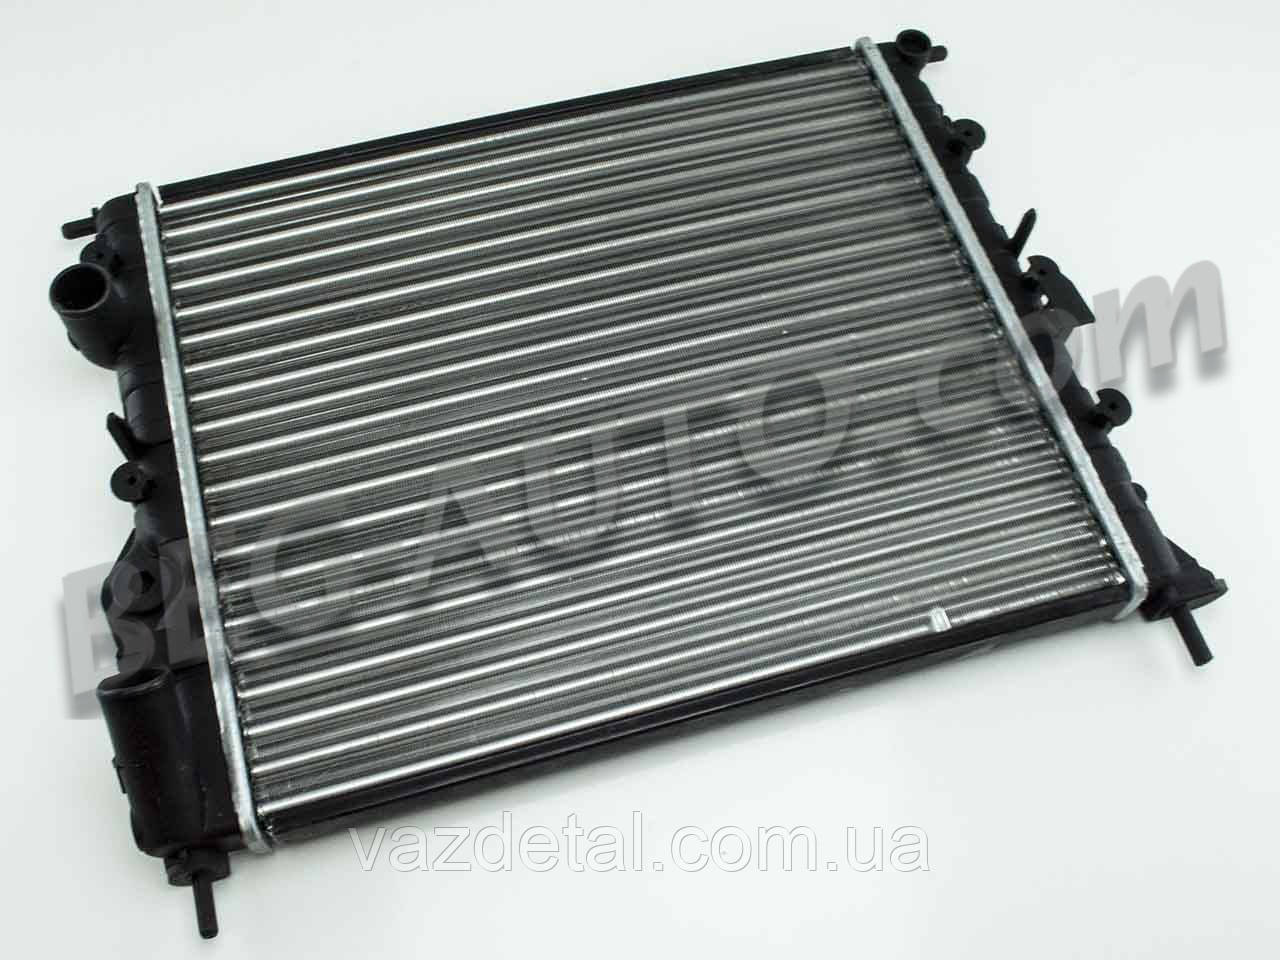 Радиатор двигателя Logan 1.4/1.6 без конд. (до 2008 г.в.) (EuroEx) EXR-8134   7700838134